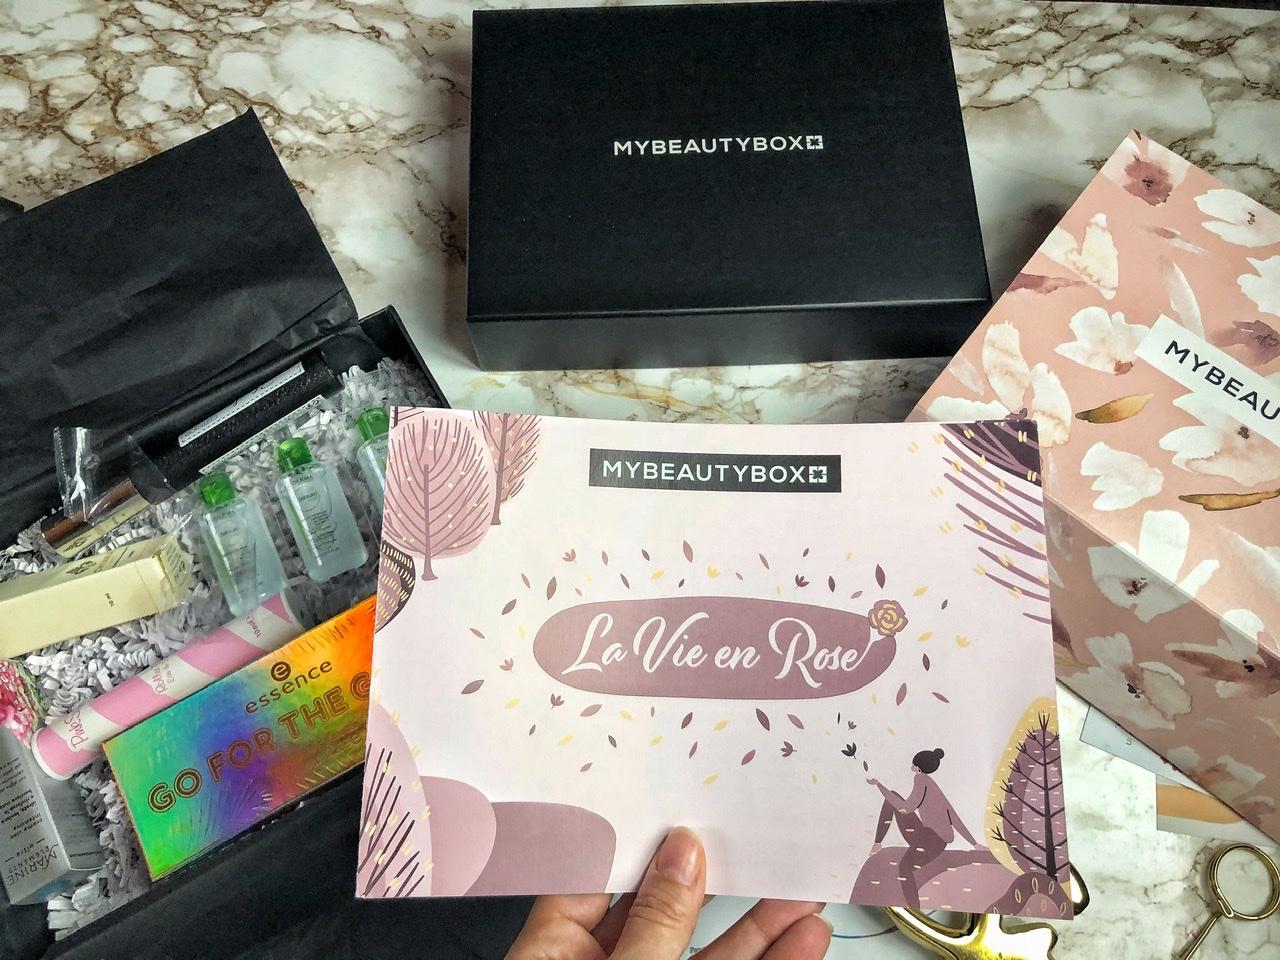 La vie en rose: My Beauty Box ci accompagna verso l'autunno con coccole